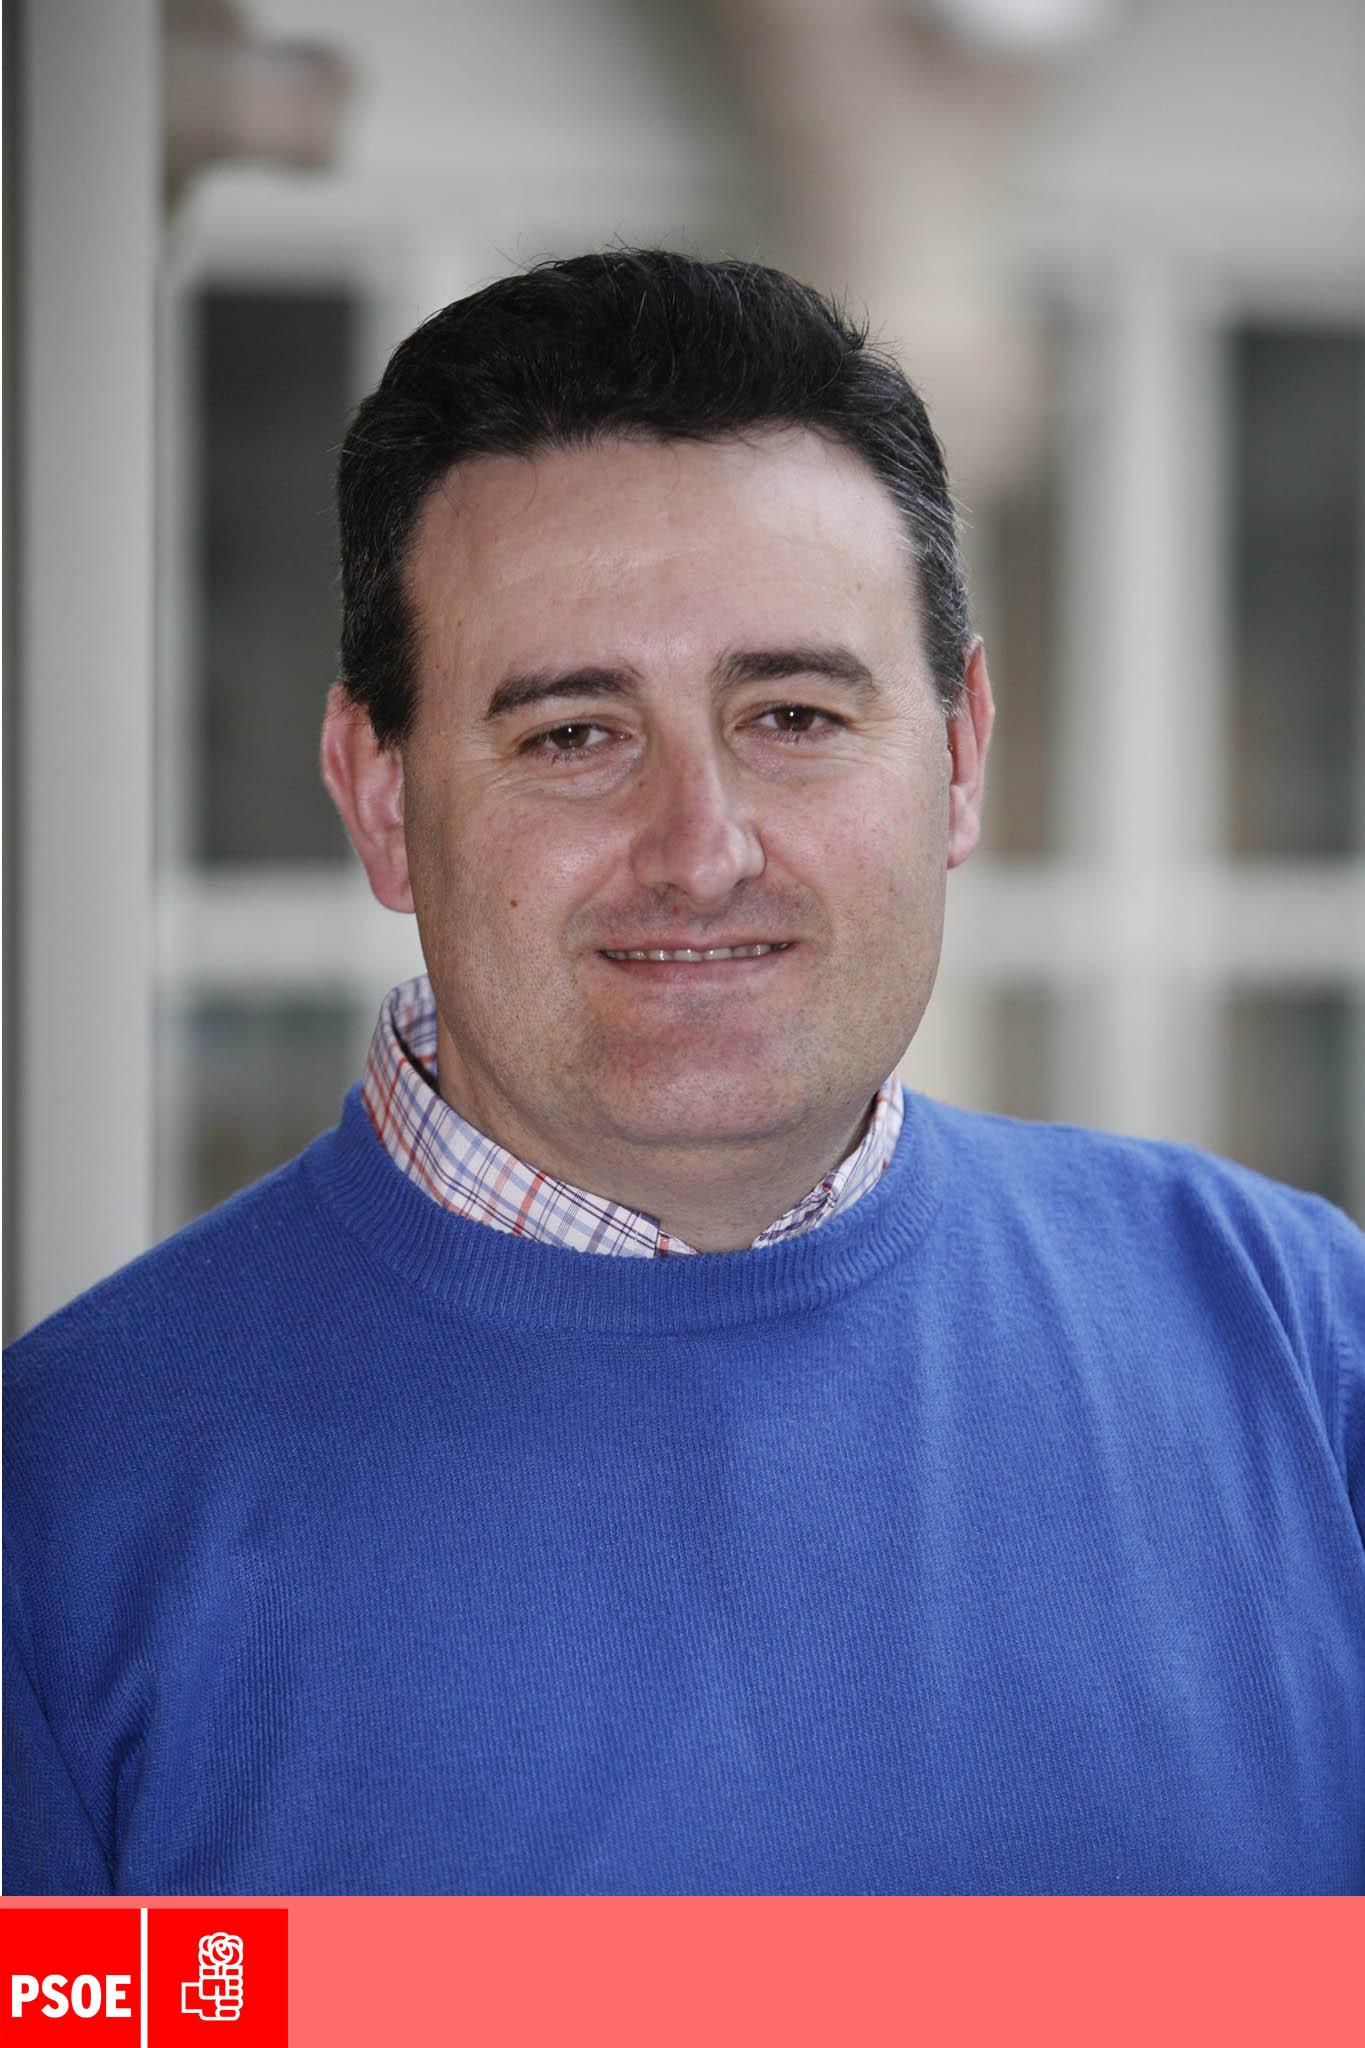 Manuel Gómez Gónzalez